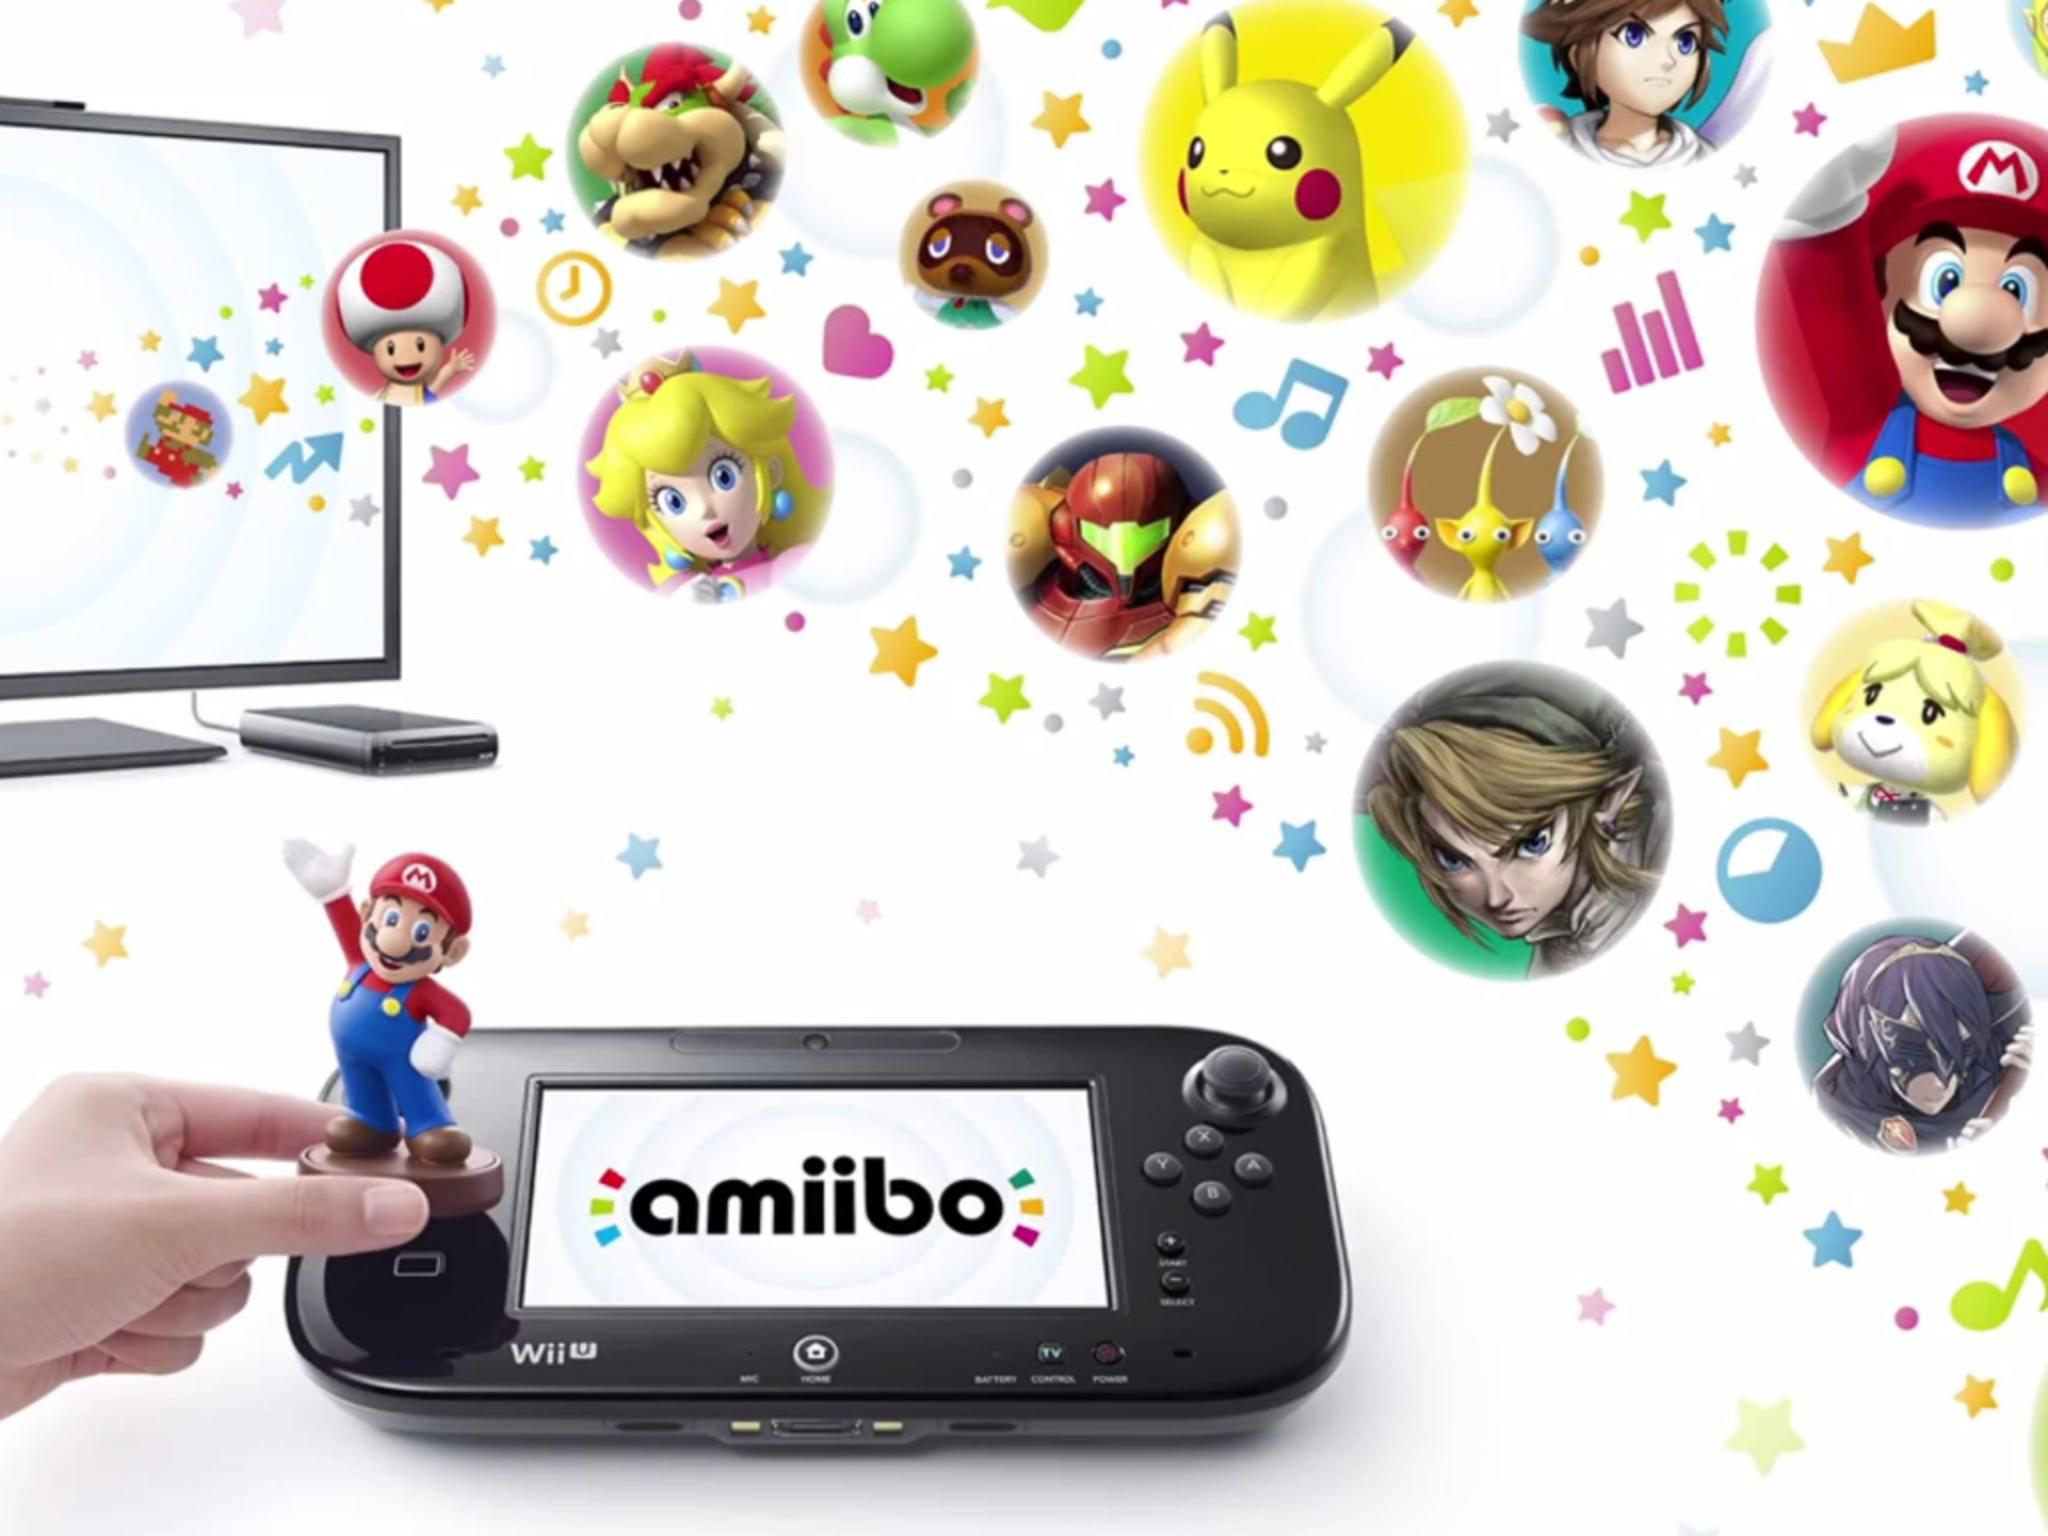 Mit den Amiibo-Figuren hat sich Nintendo auf ein völlig neues Produktfeld gewagt.